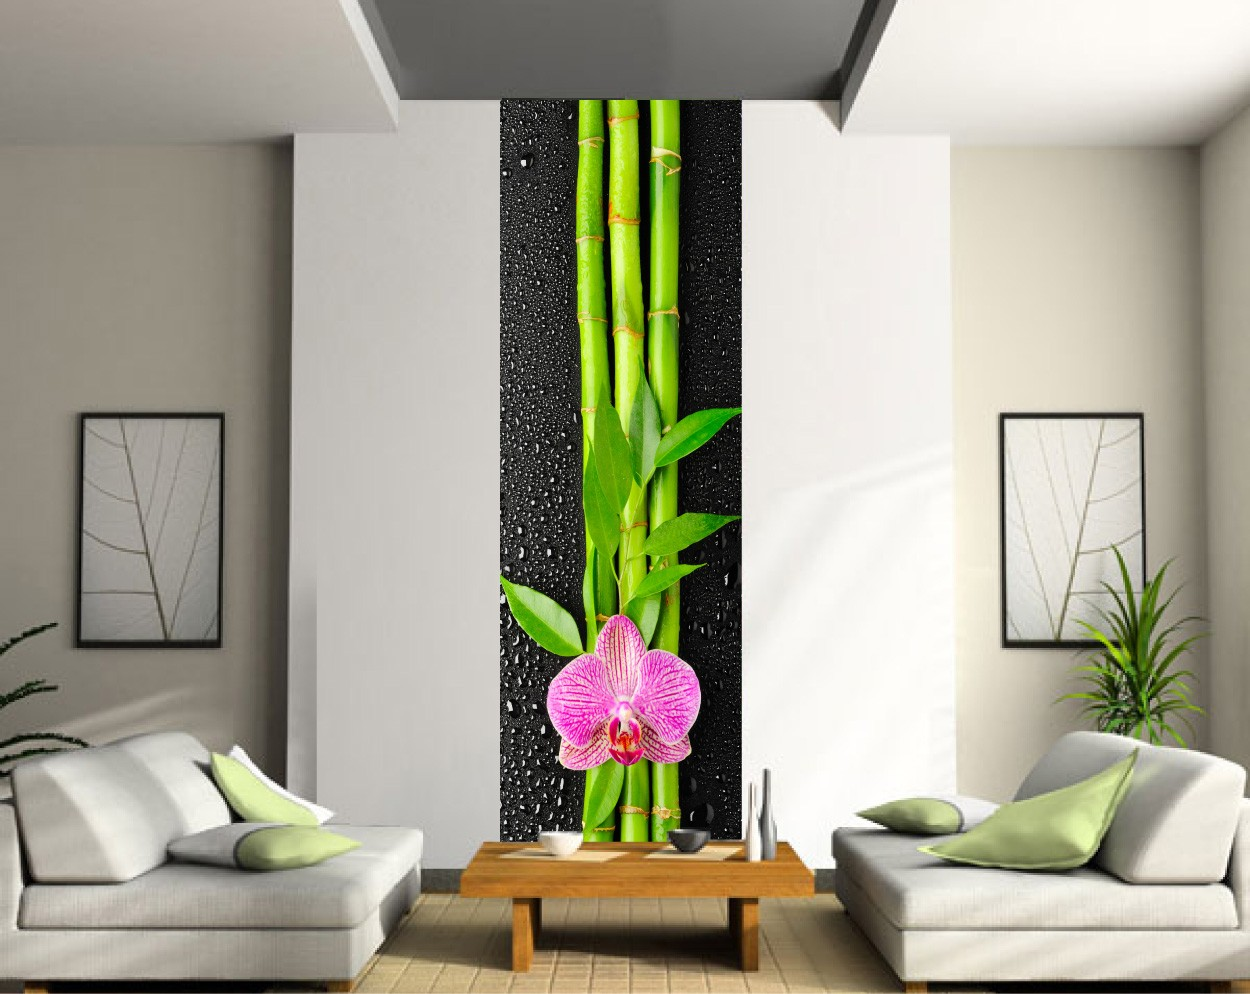 bambou deco interieur amazing salle de bain zen photo. Black Bedroom Furniture Sets. Home Design Ideas